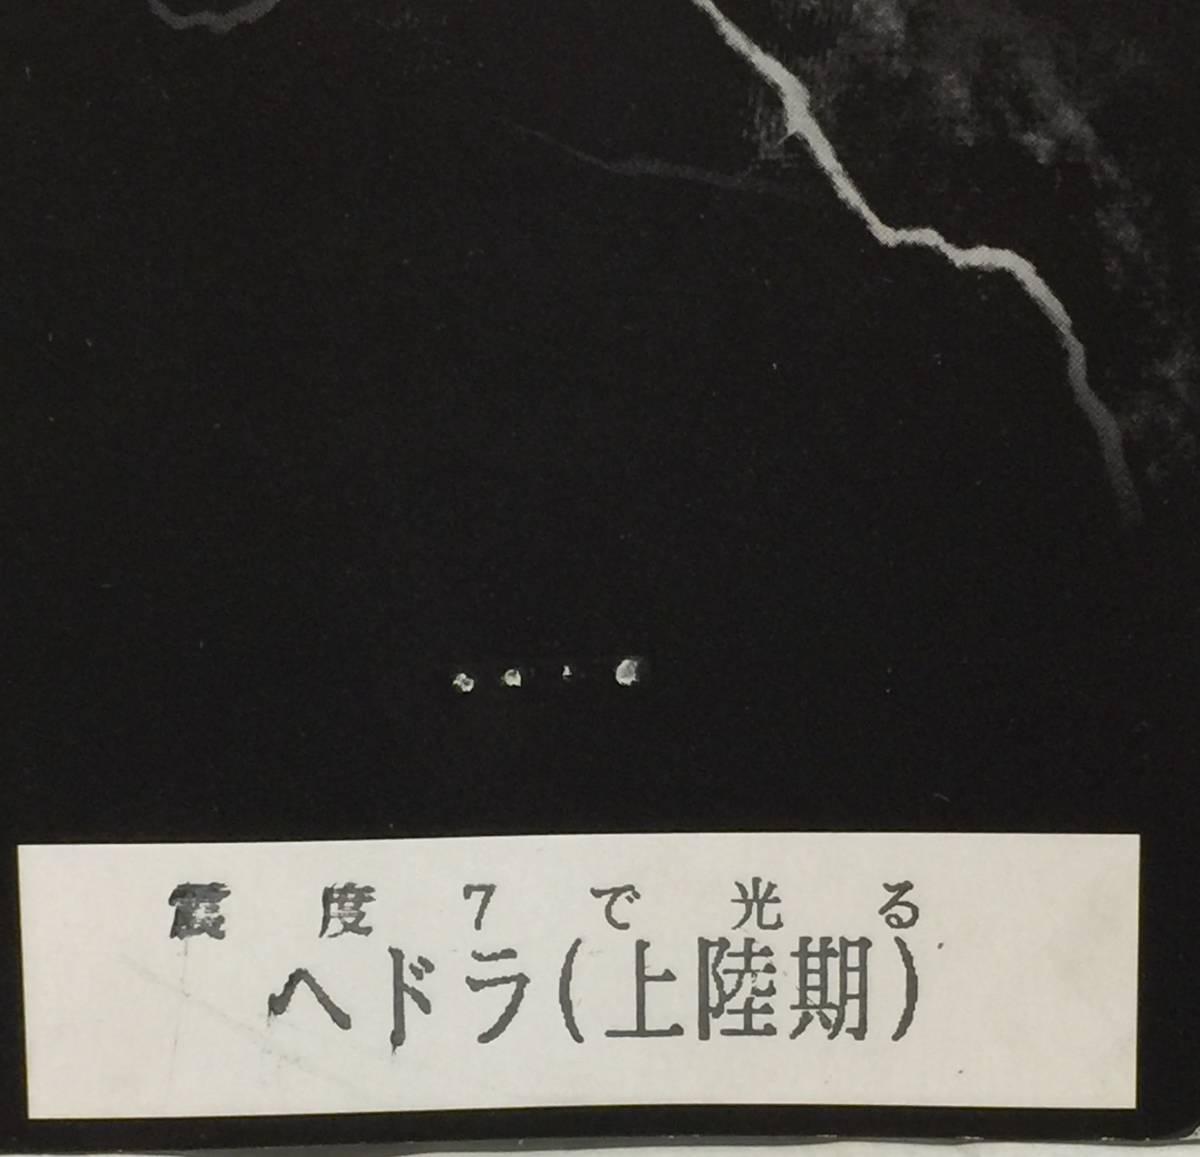 【希少品】CCP AMC 震度7で光るヘドラ上陸期 初代ブラックver_画像6